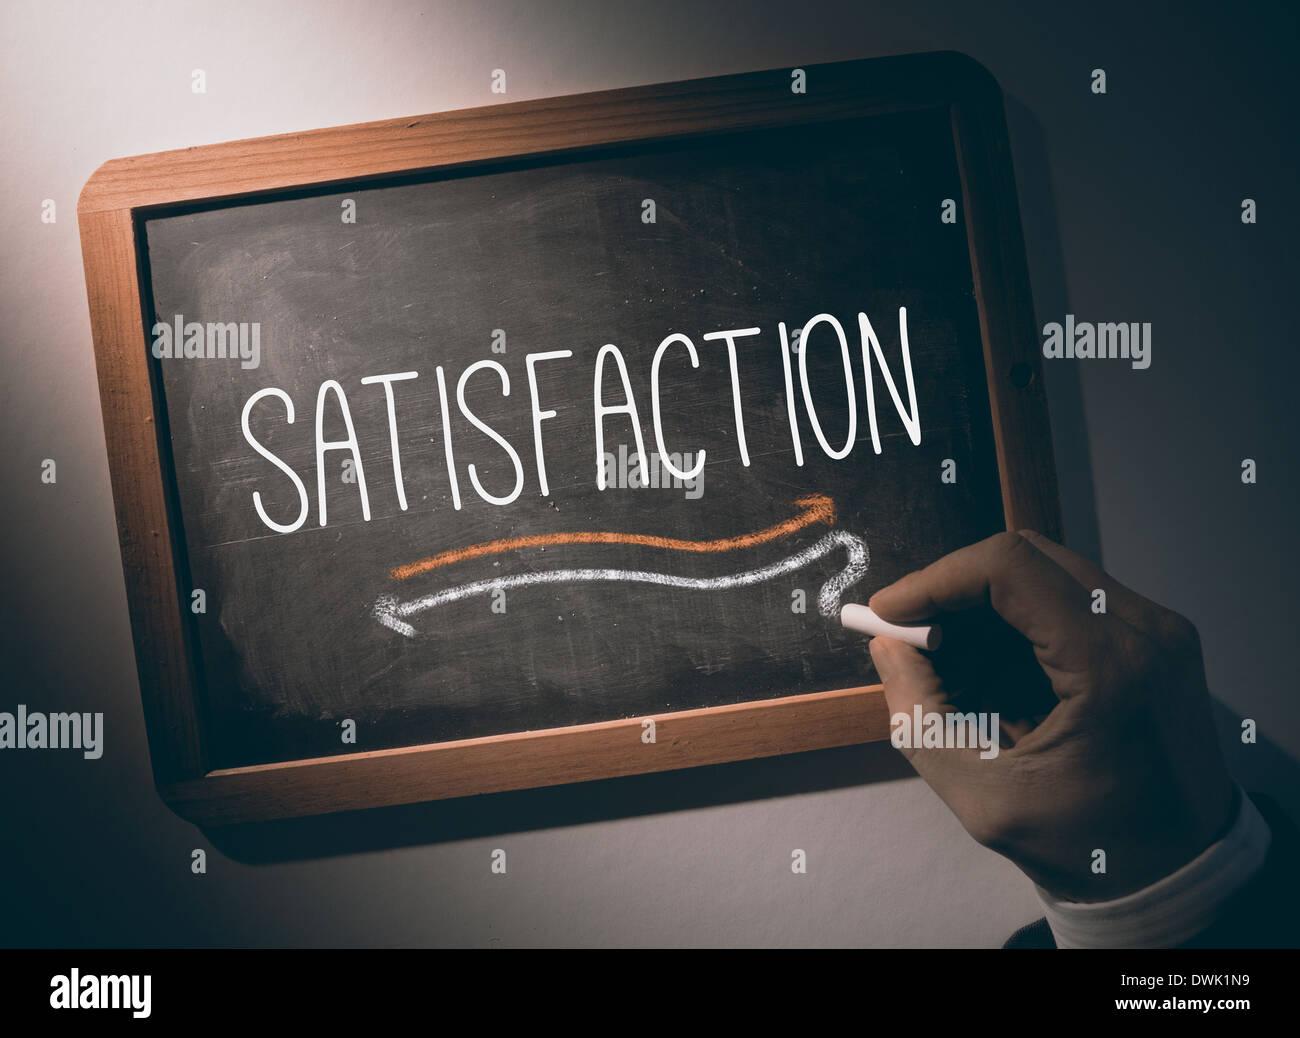 Hand writing Satisfaction on chalkboard - Stock Image